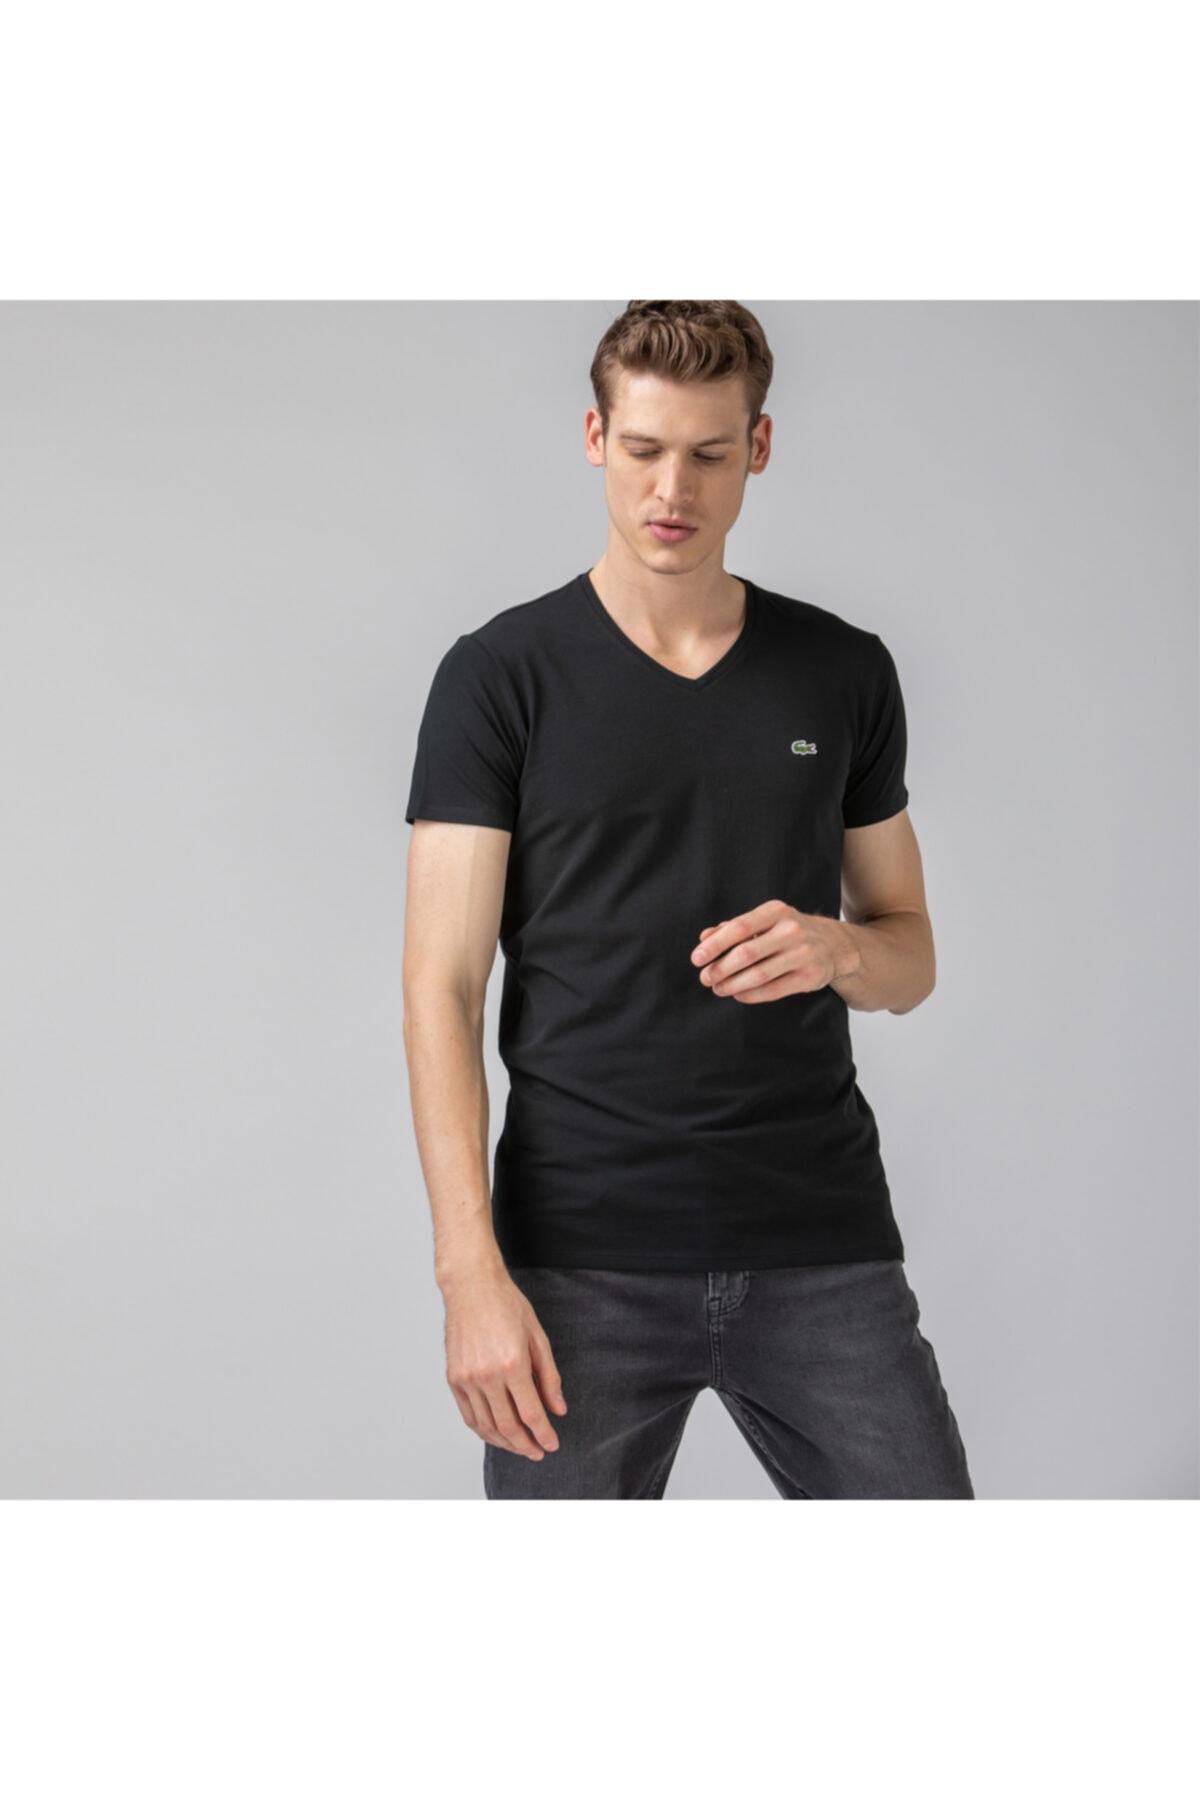 خرید ارزان تی شرت فانتزی مردانه برند لاگوست رنگ مشکی کد ty4738735